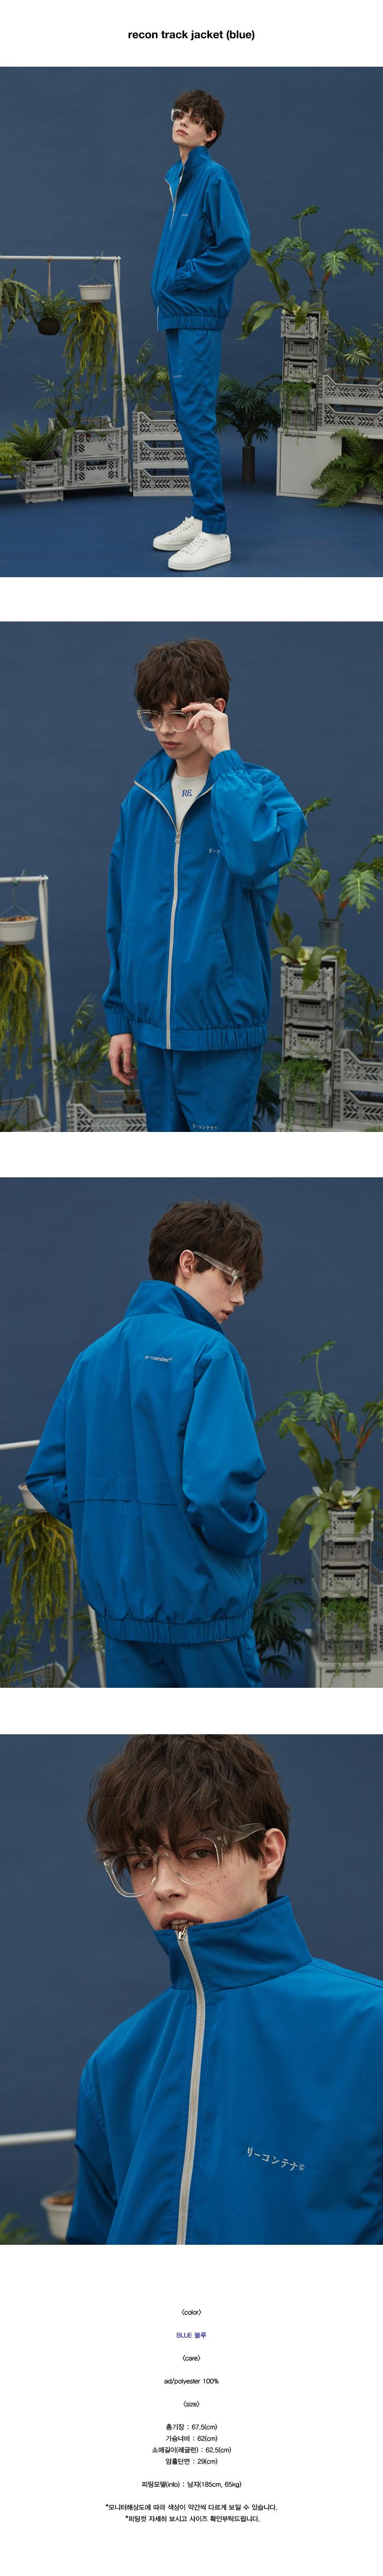 리플레이컨테이너(REPLAY CONTAINER) recon track jacket (blue)